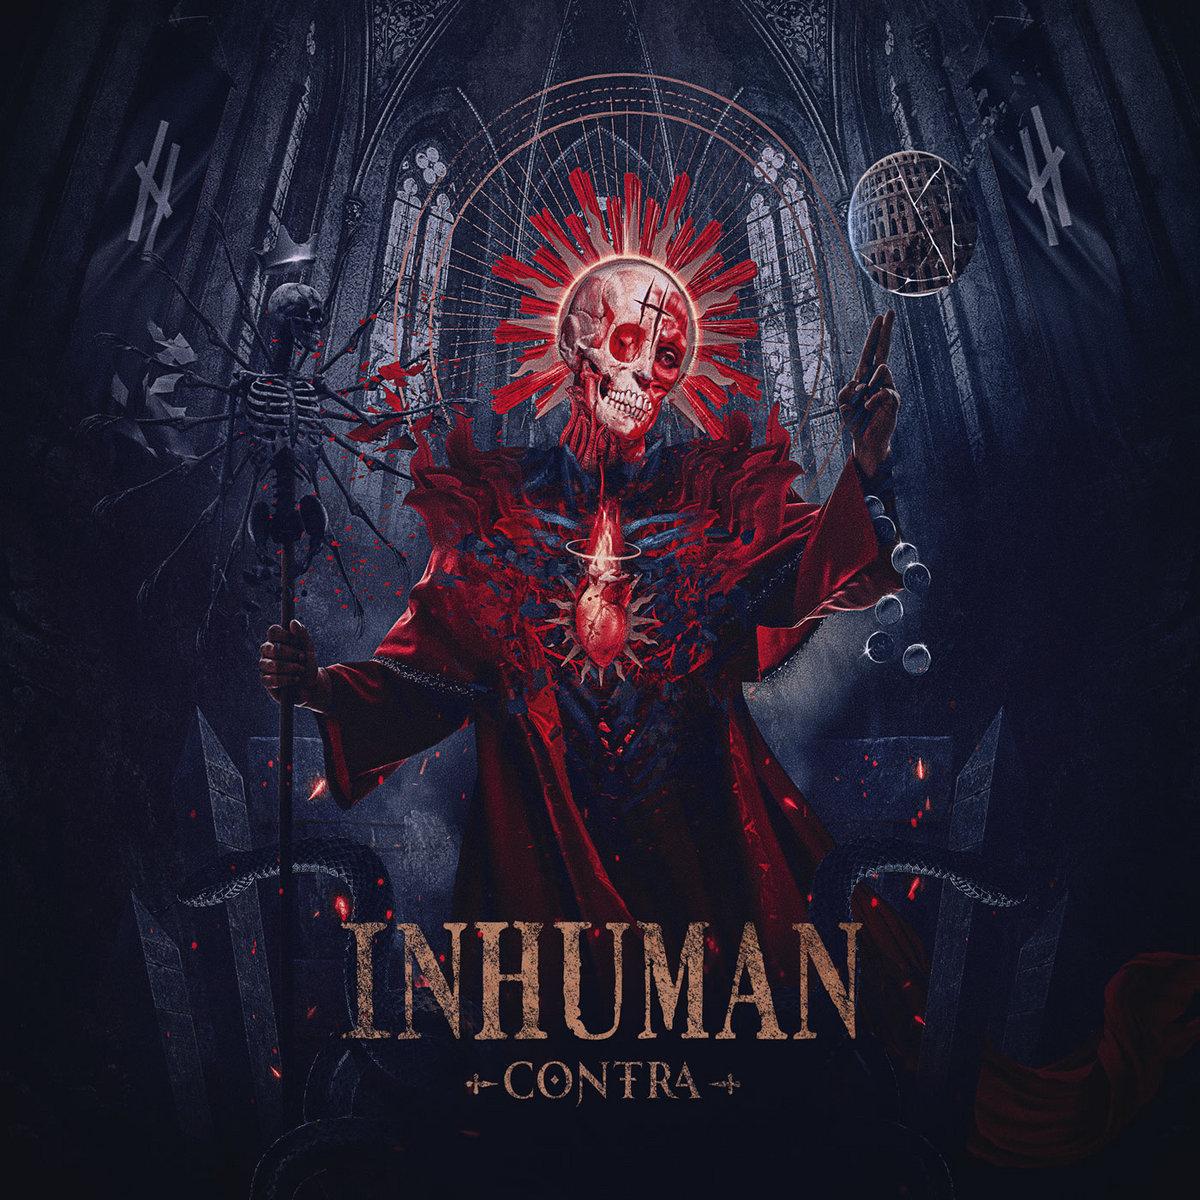 Contra INHUMAN cover artwork